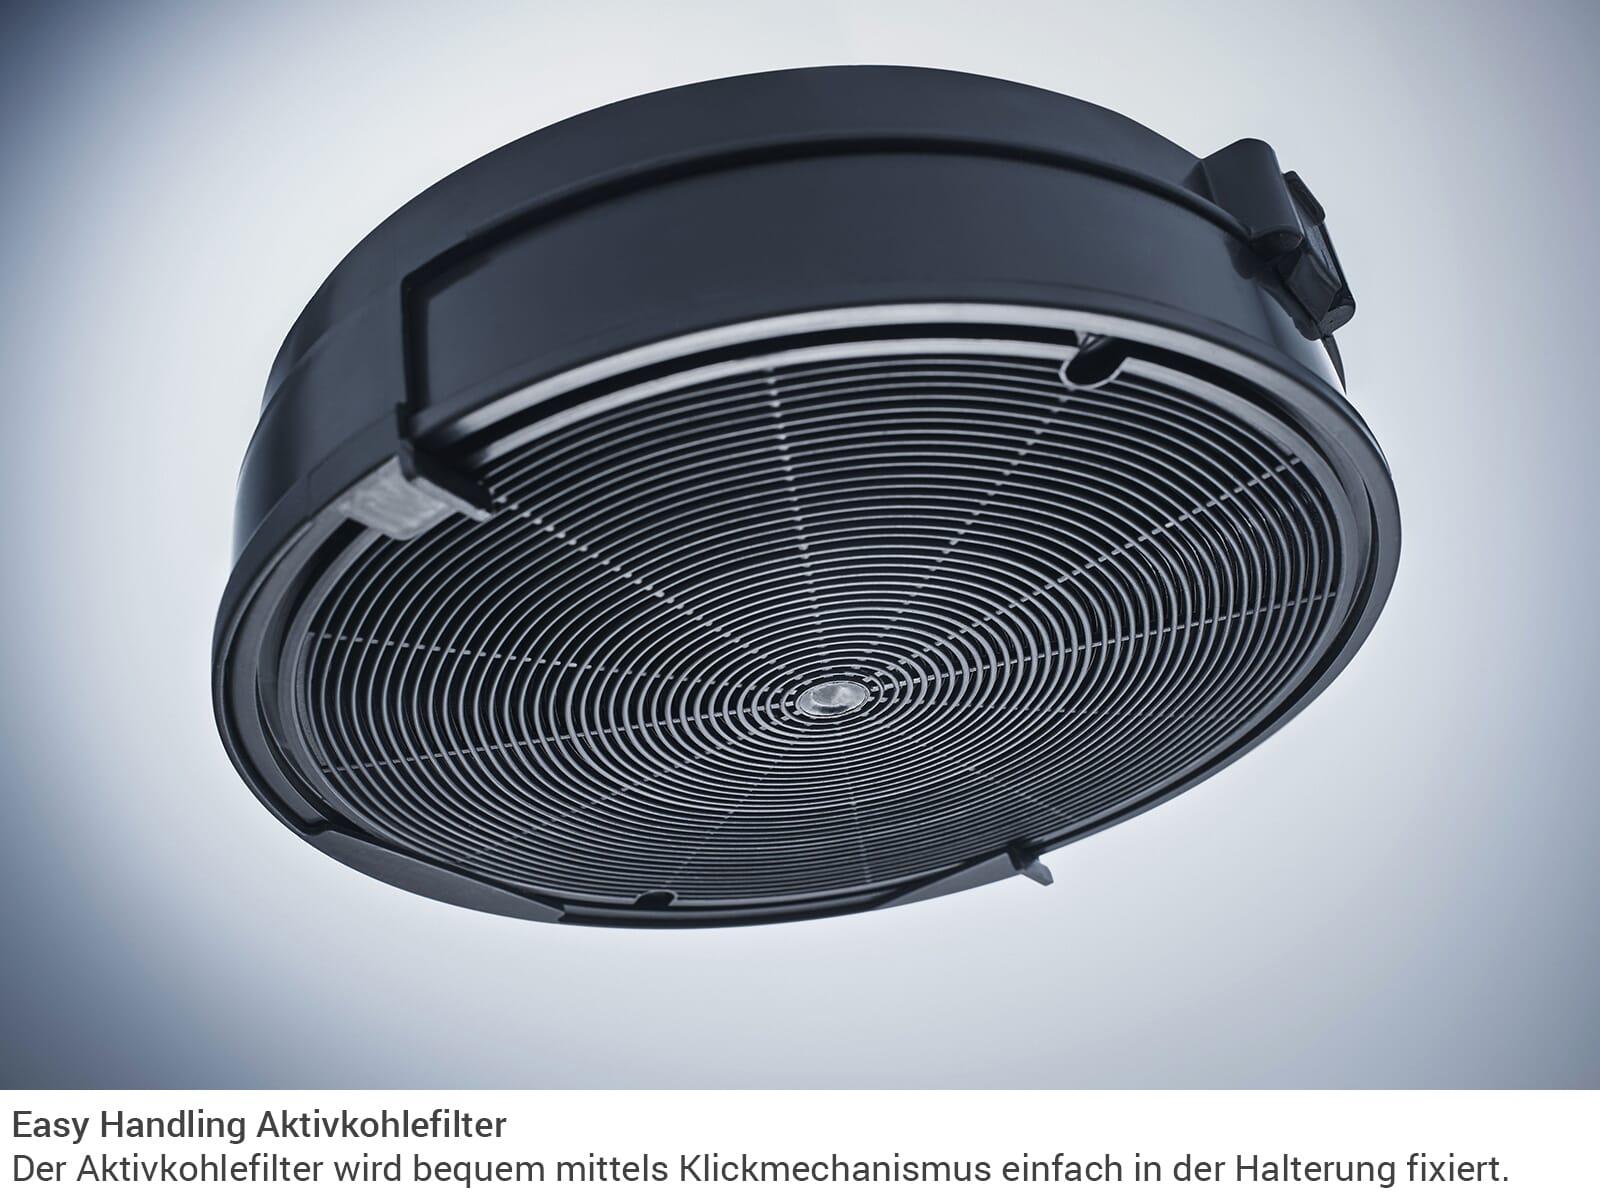 franke maris fma 905 bk xs kopffreihaube wandhaube schwarz edelstahl 90 cm ebay. Black Bedroom Furniture Sets. Home Design Ideas